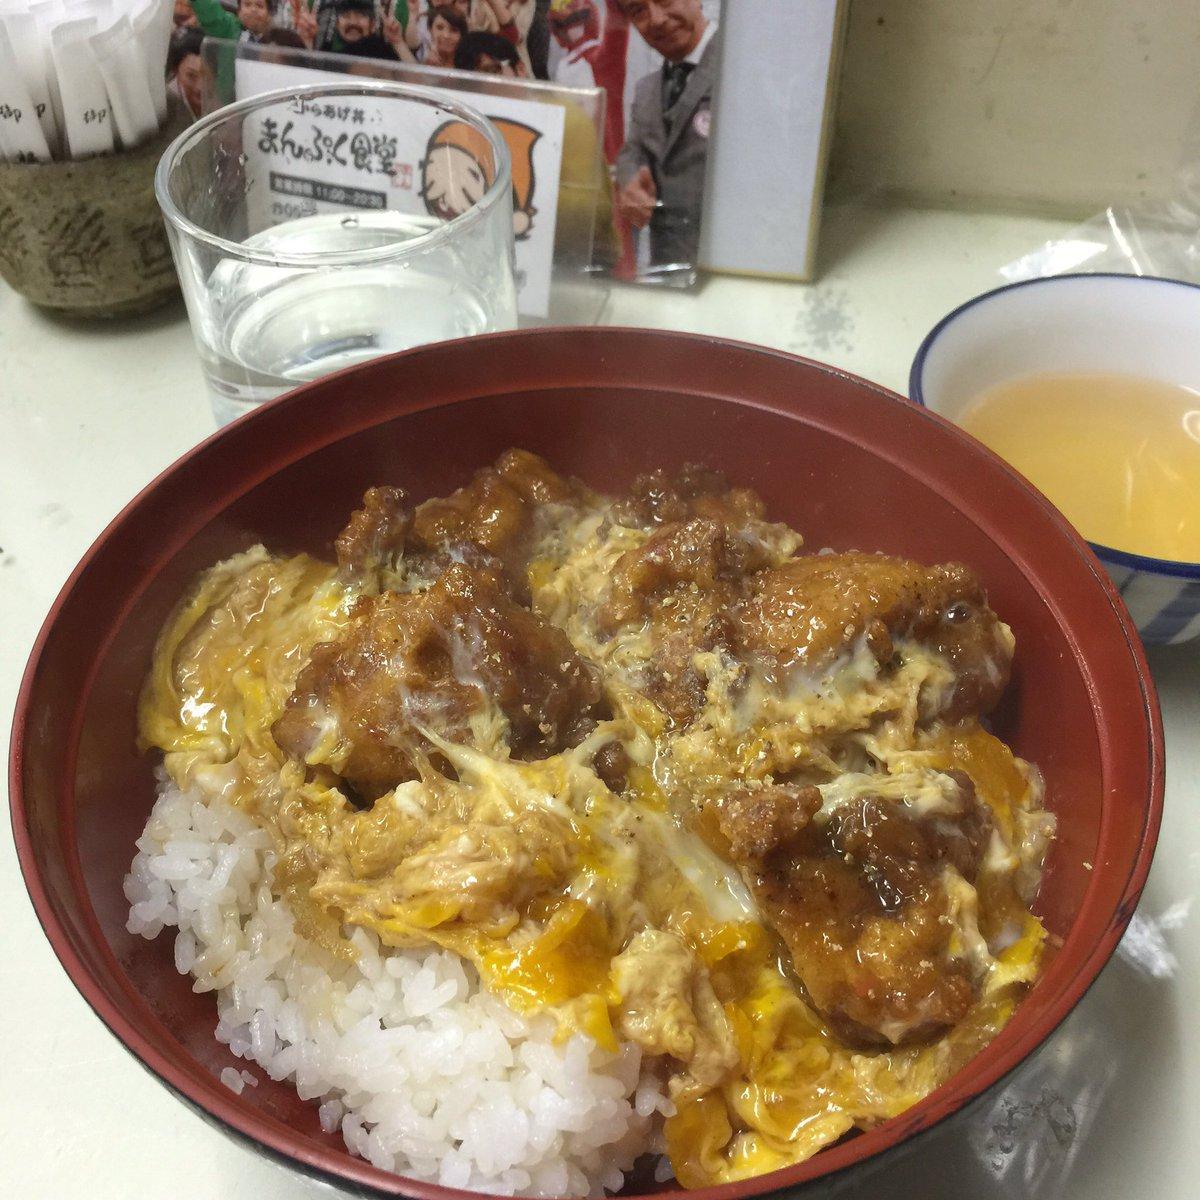 い、伊勢、、、、@ayu24taki: @tsubu_ellie まんぷく食堂のからあげ丼